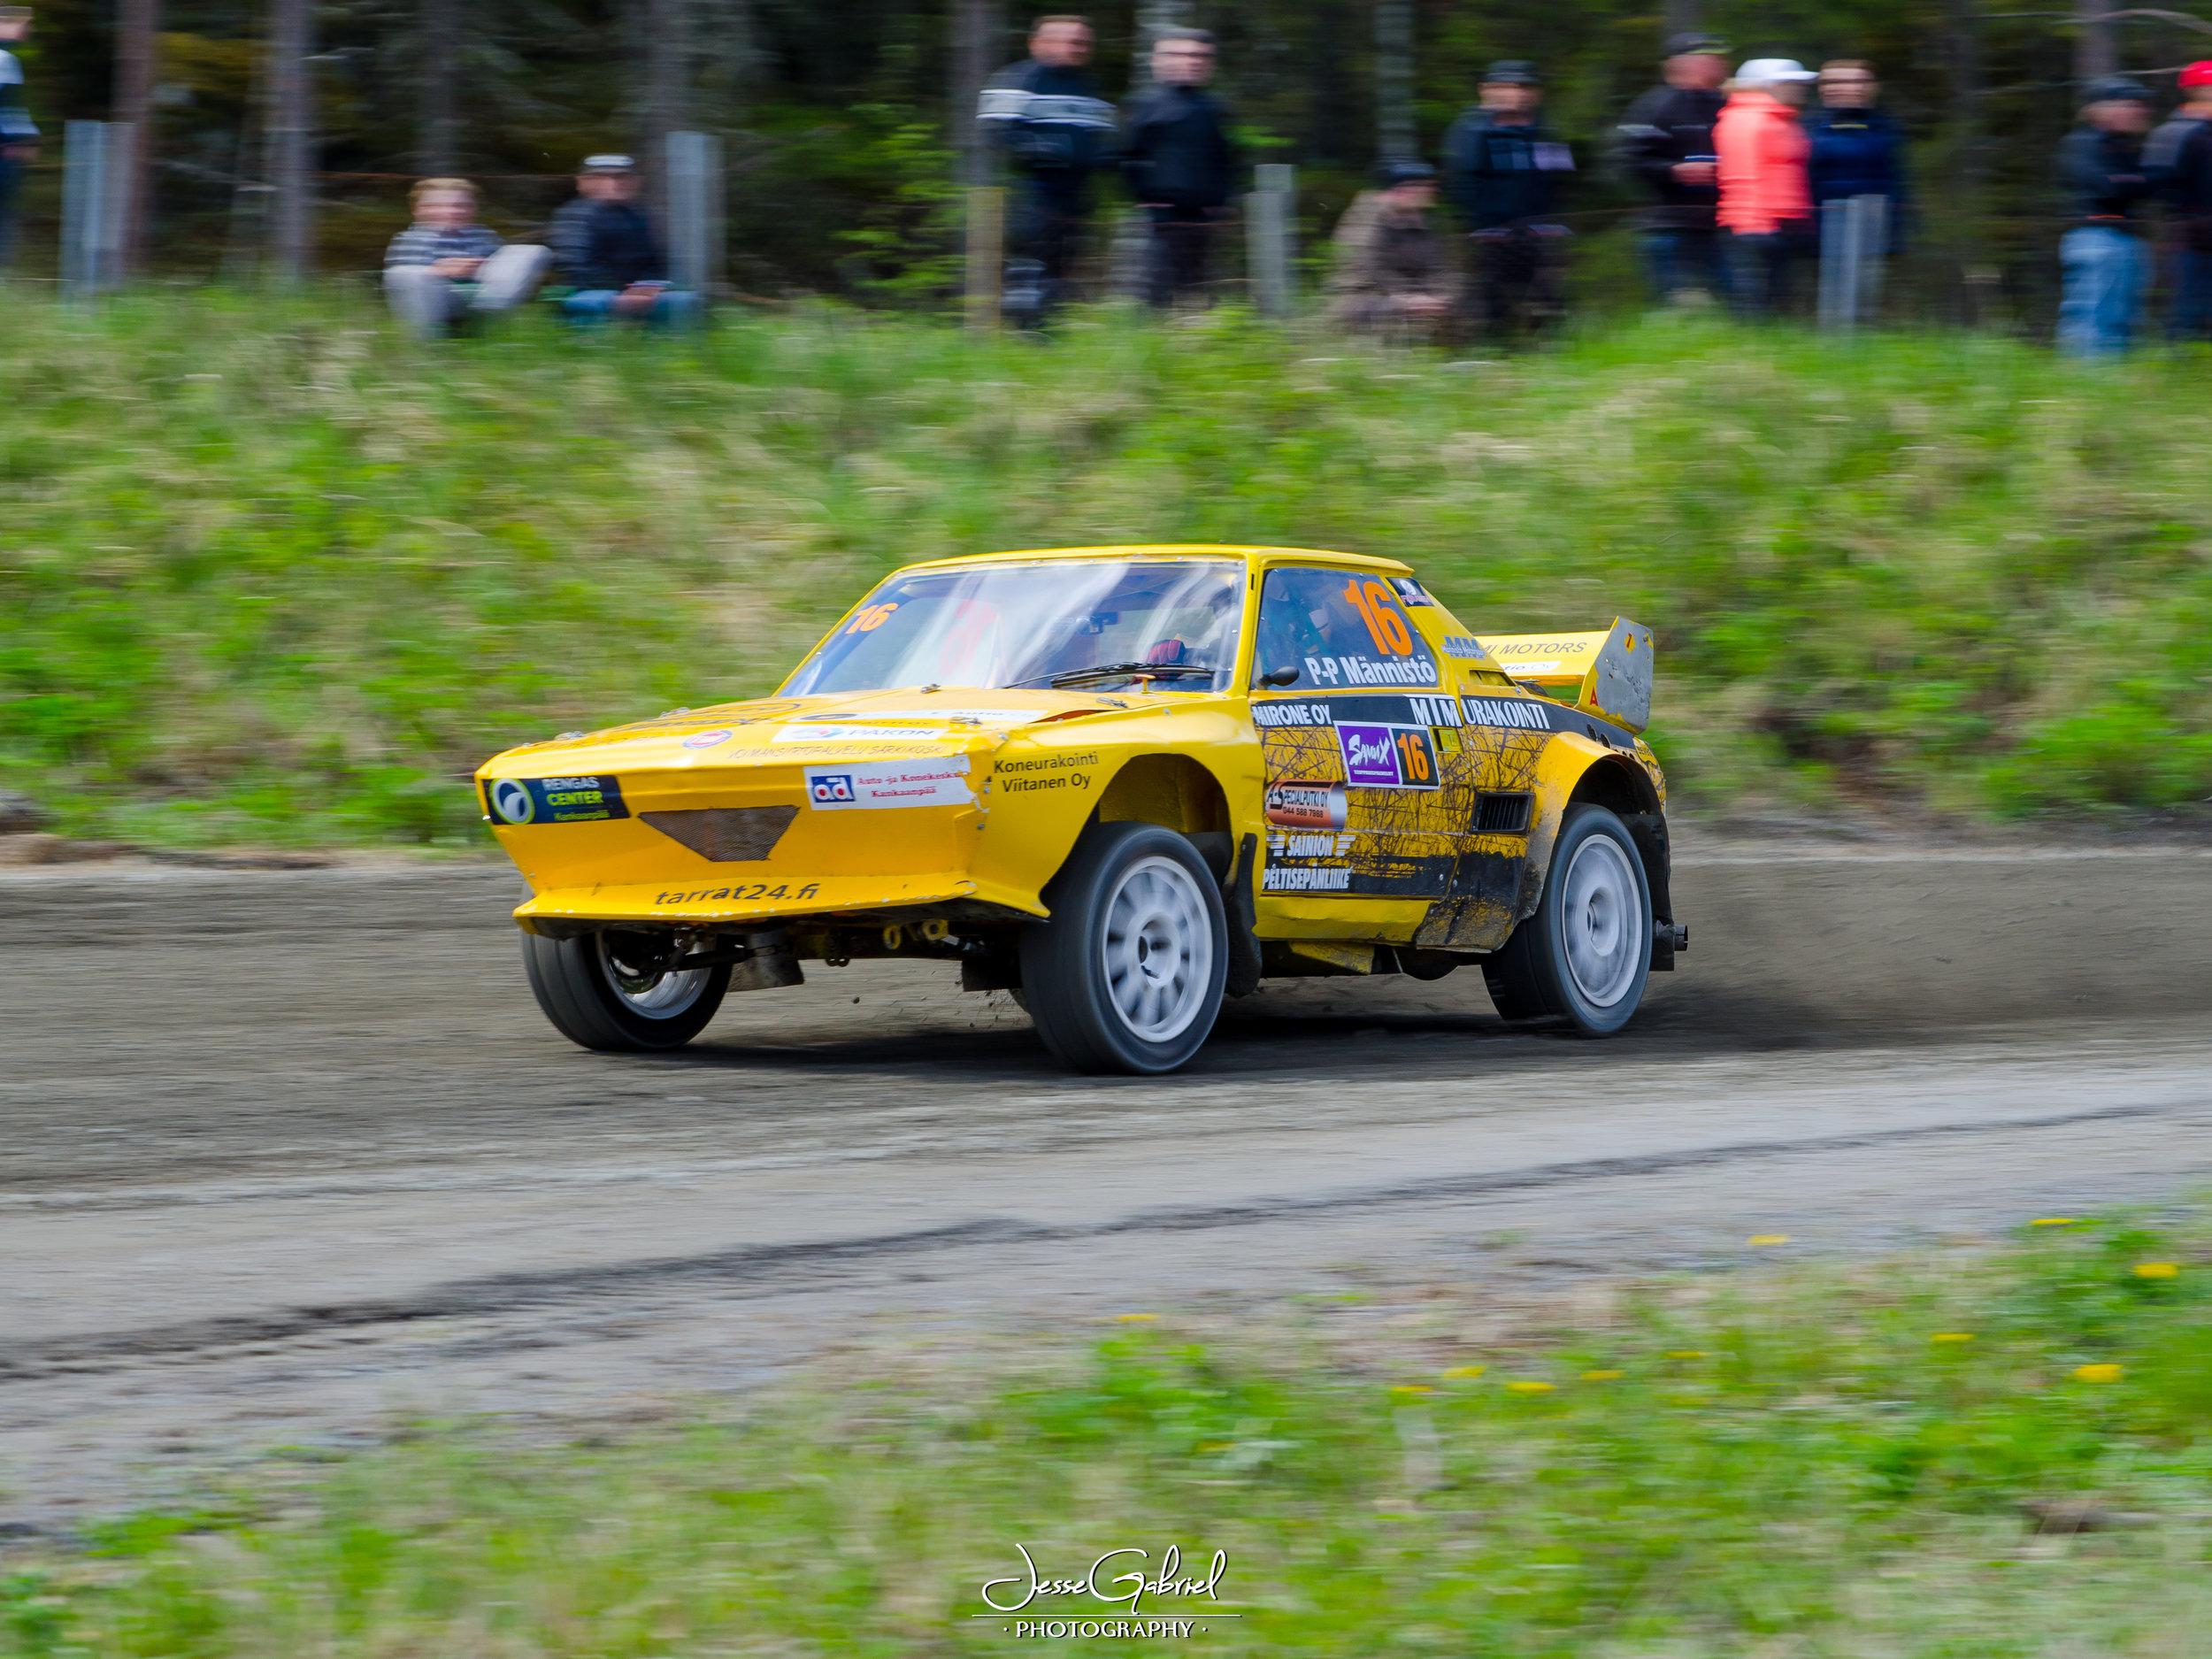 #16 Paavo-Petteri Männistö - Seura: KankUAAuto: Fiat X1/9